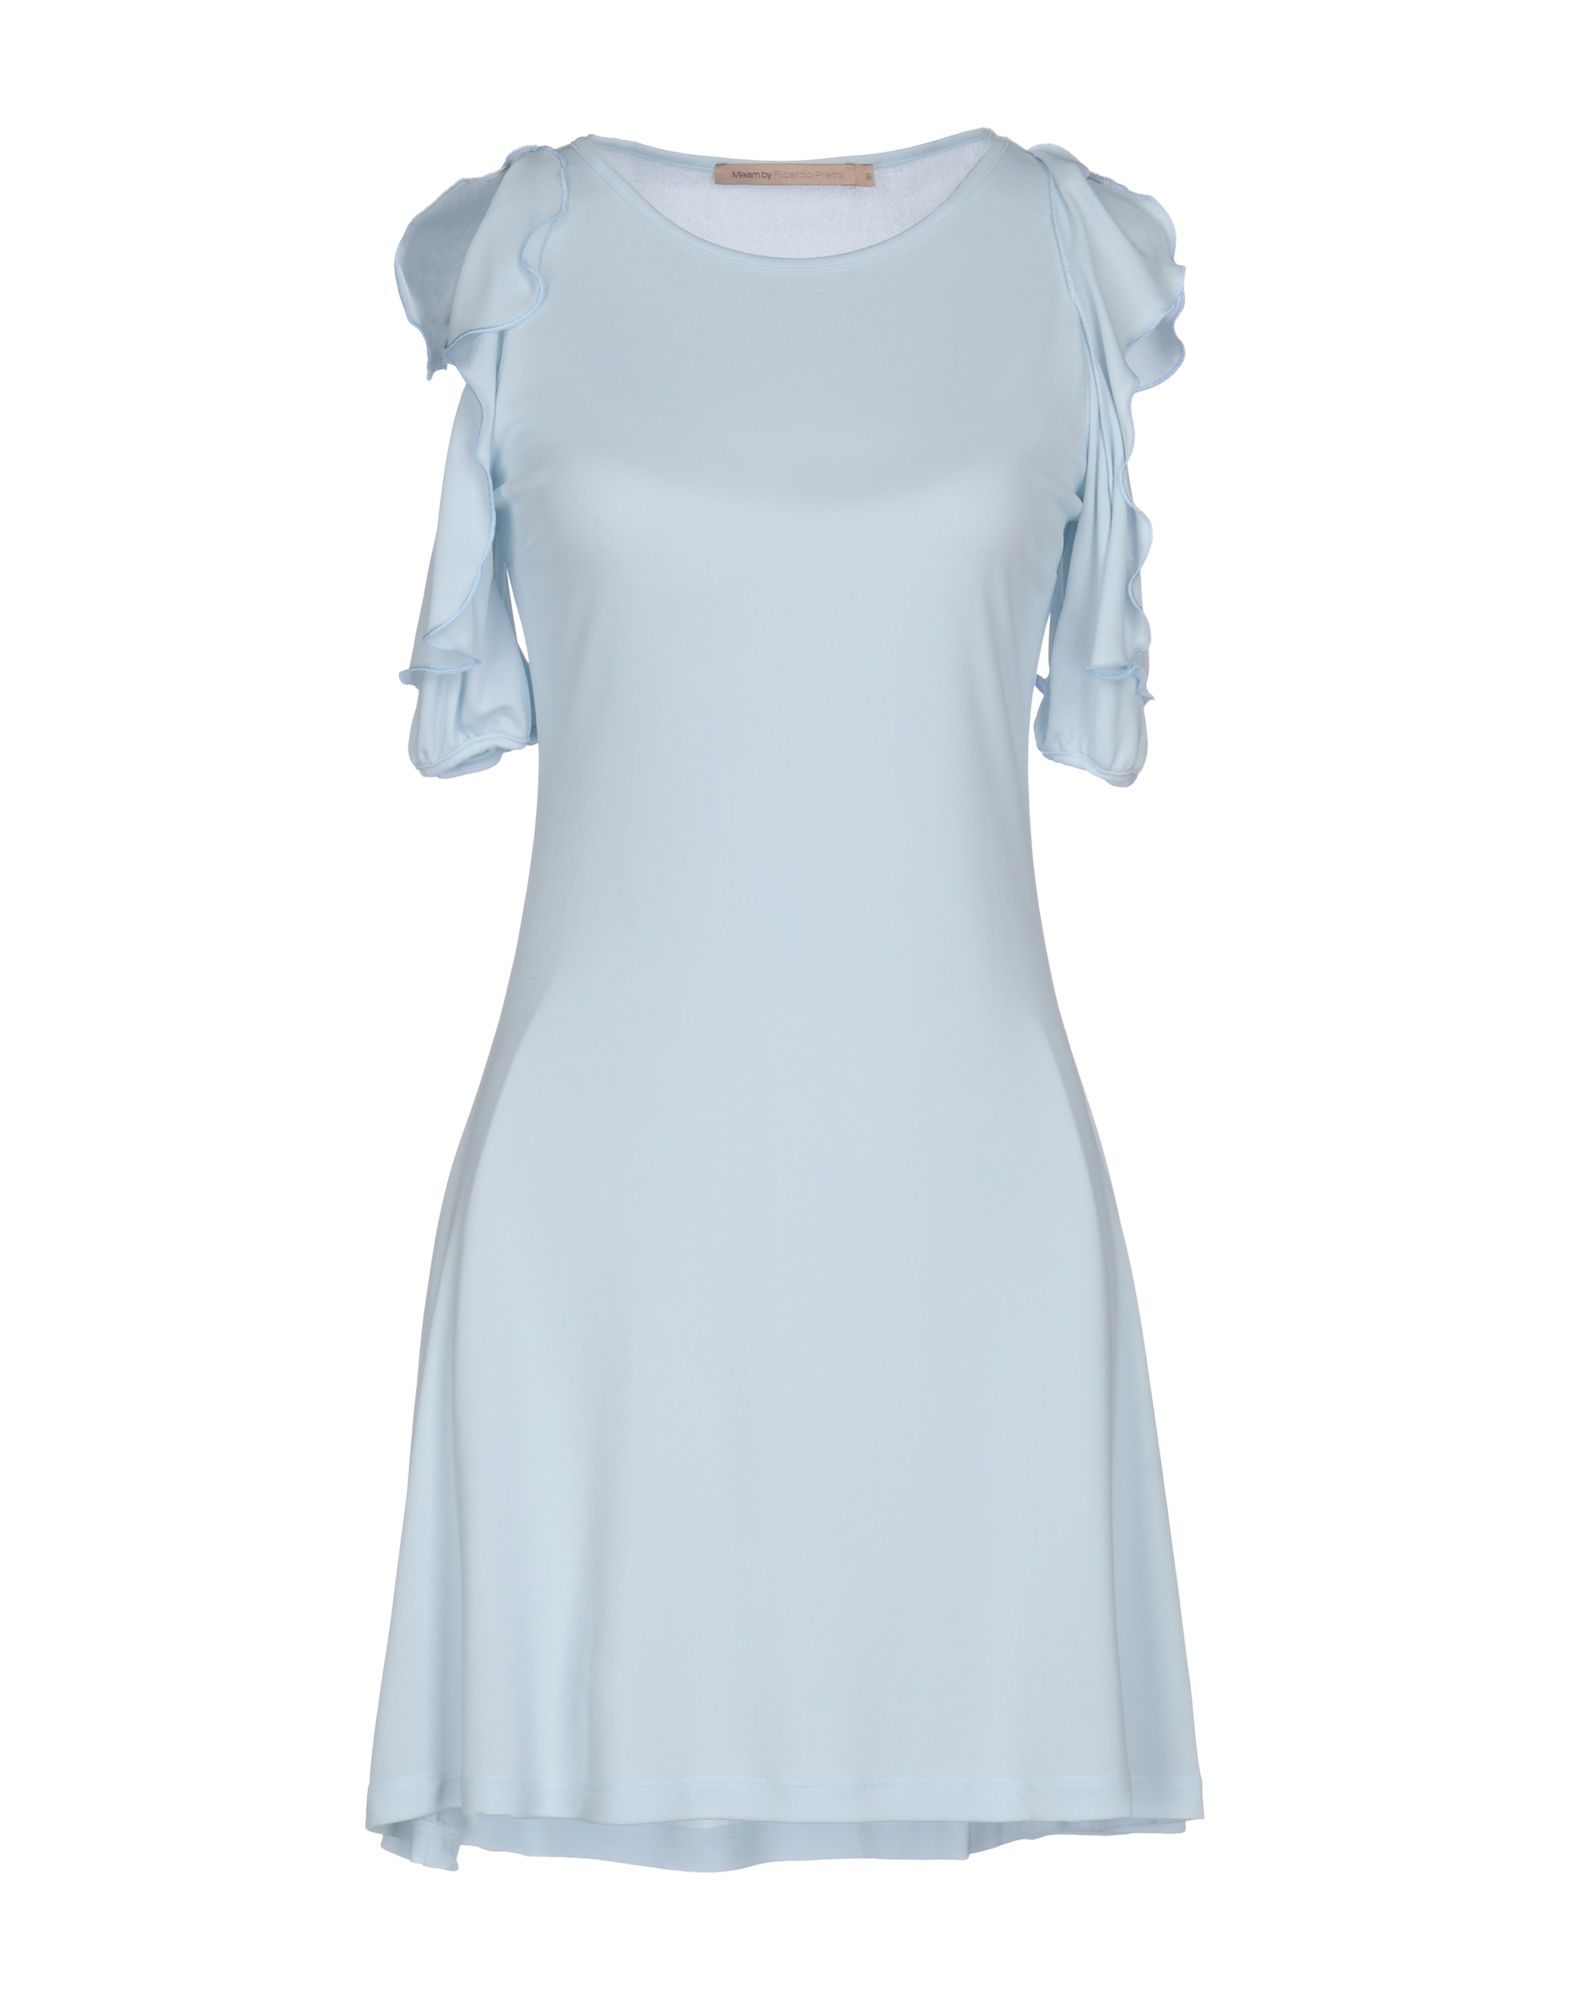 DRESSES - Short dresses Meam by Ricardo Preto t64r25hHx